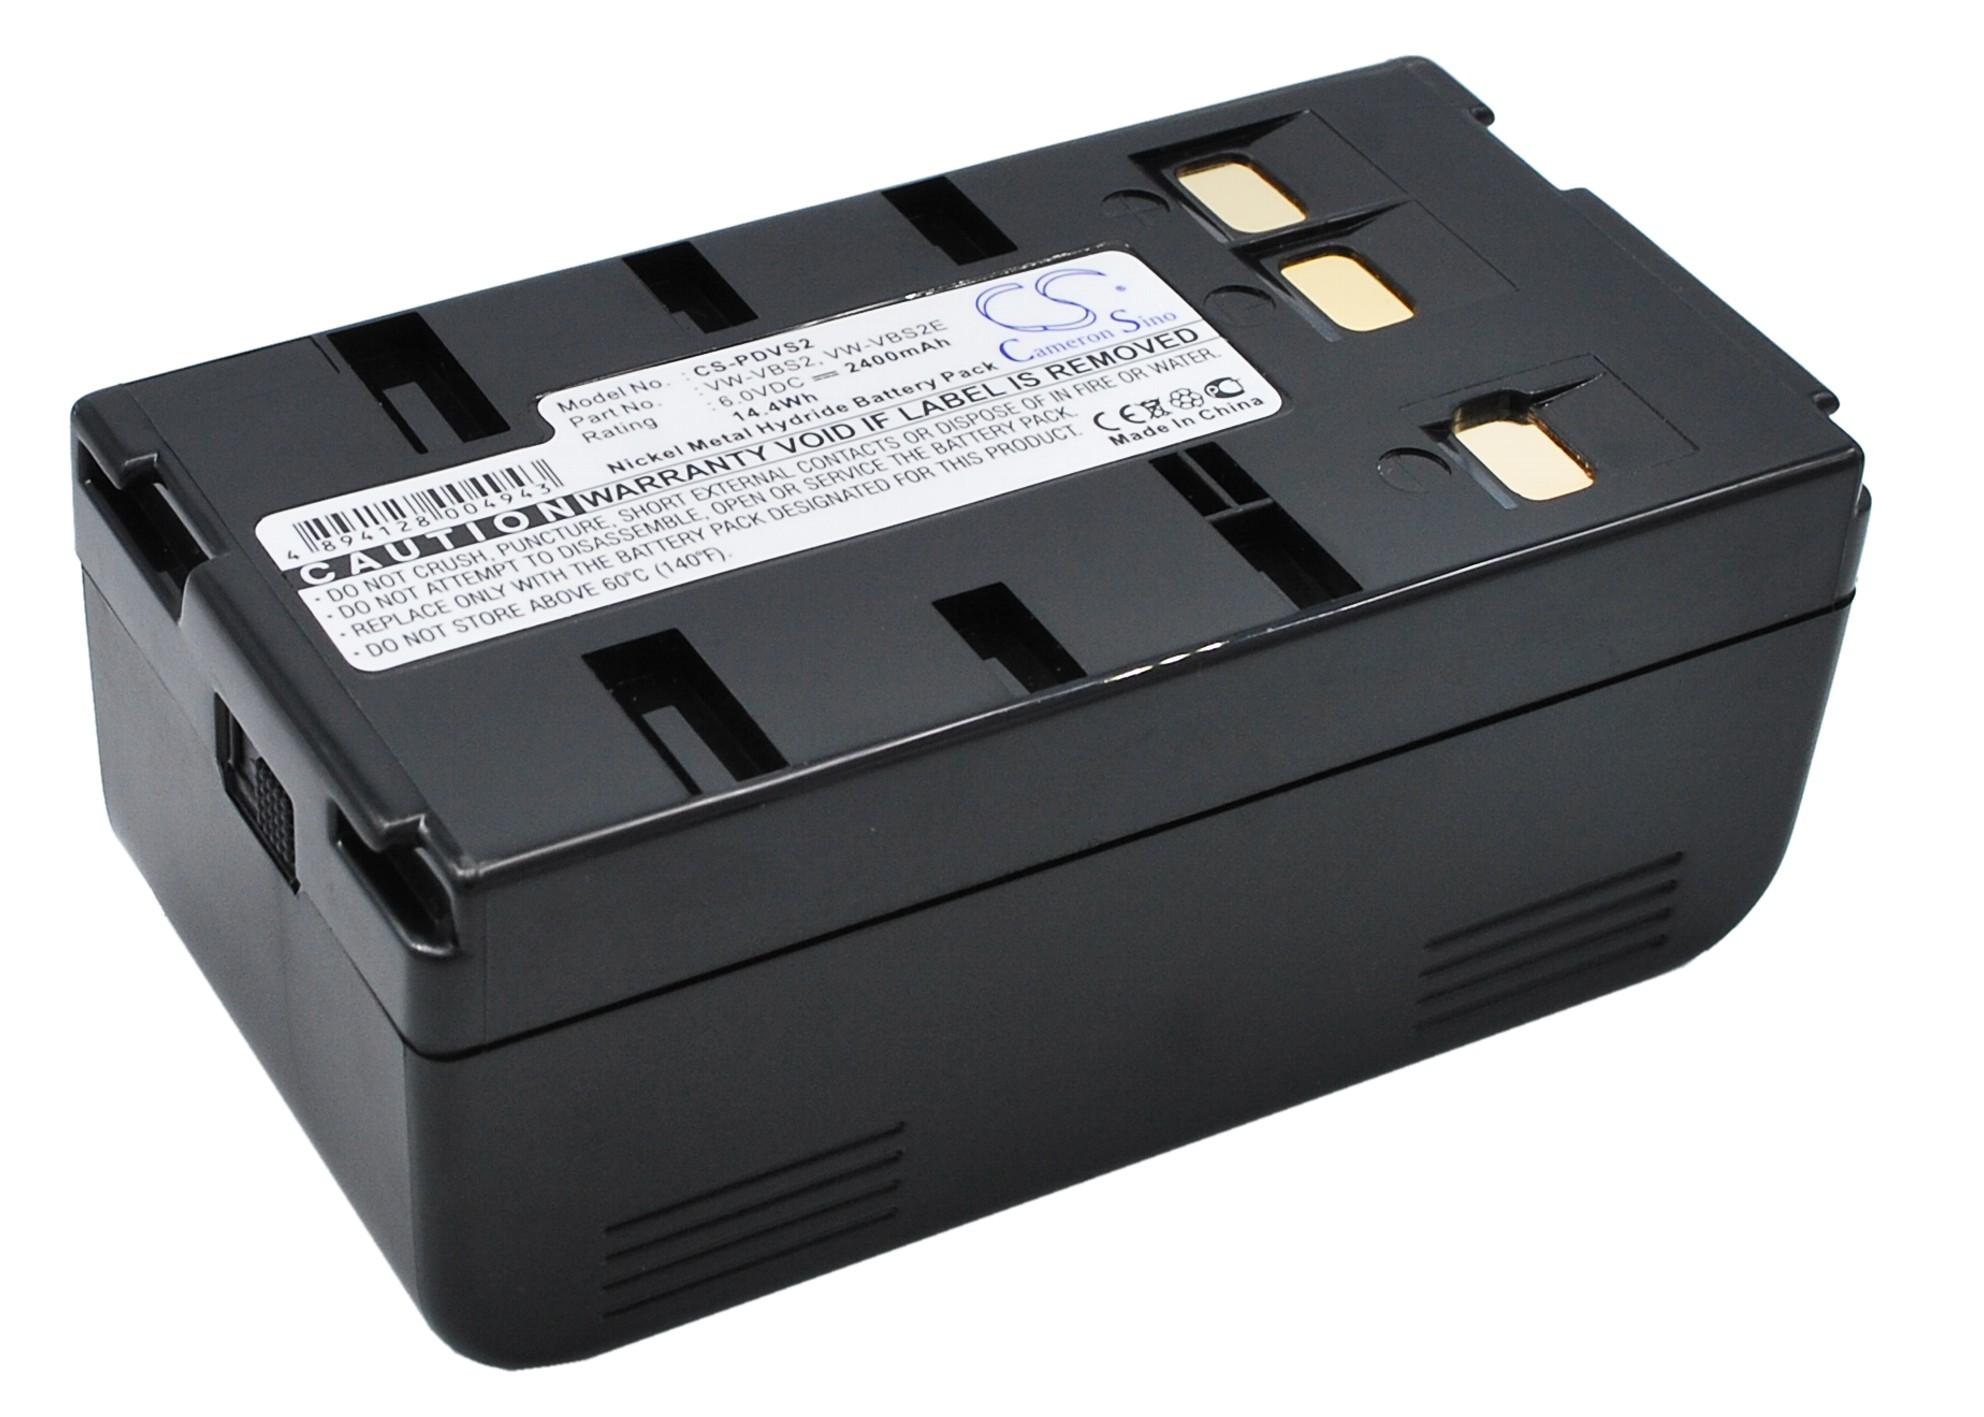 Cameron Sino baterie do kamer a fotoaparátů pro PANASONIC NV-G3 6V Ni-MH 2400mAh tmavě šedá - neoriginální